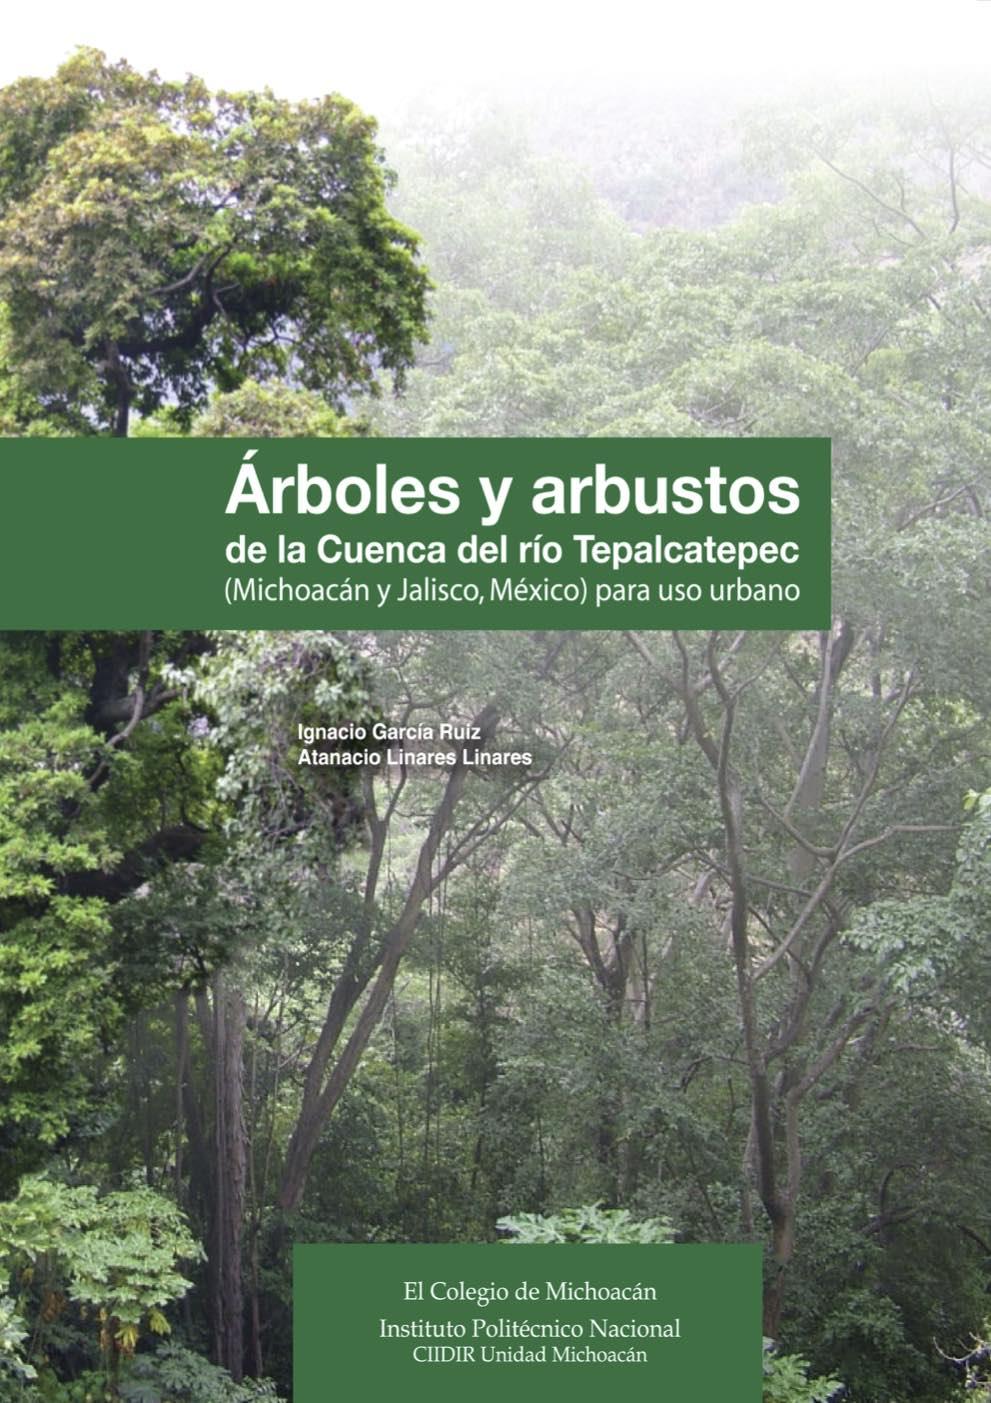 Rboles y arbustos de la cuenca del r o tepalcatepec - Arboles y arbustos ...